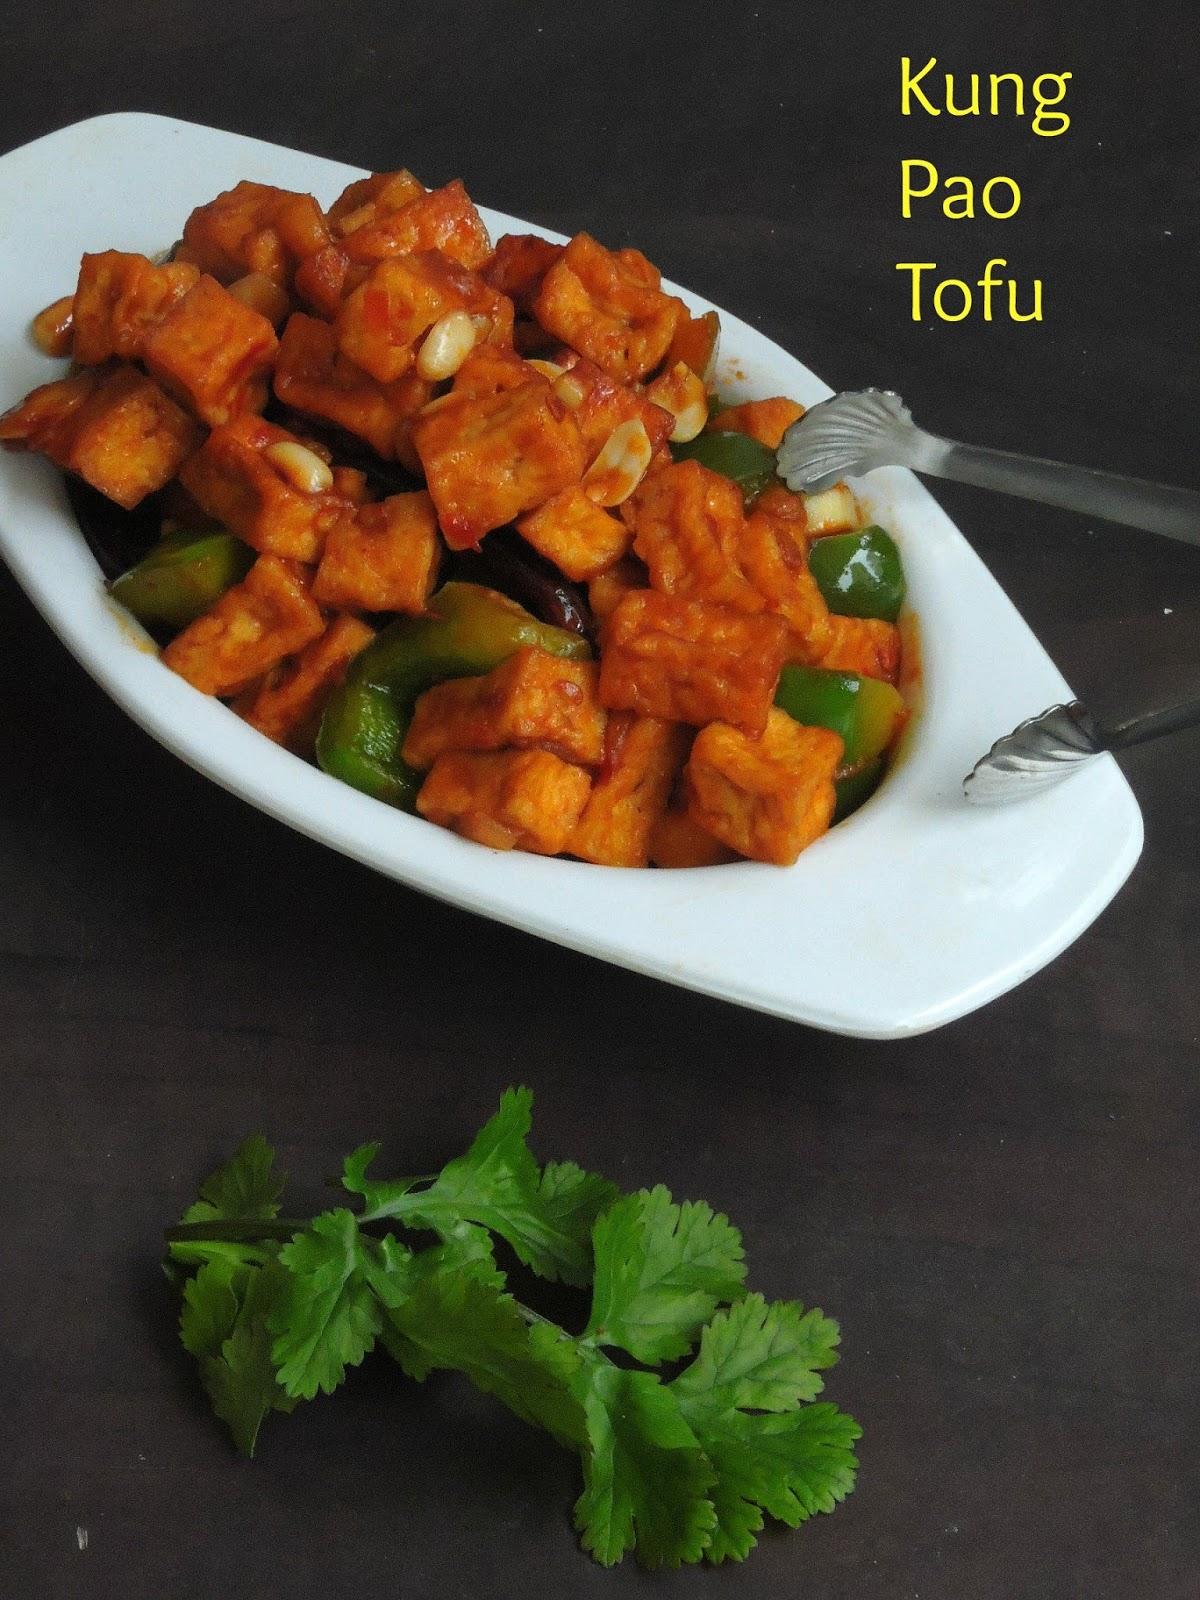 Priya's Versatile Recipes: Kung Pao Tofu/Vegan Kung Po Tofu